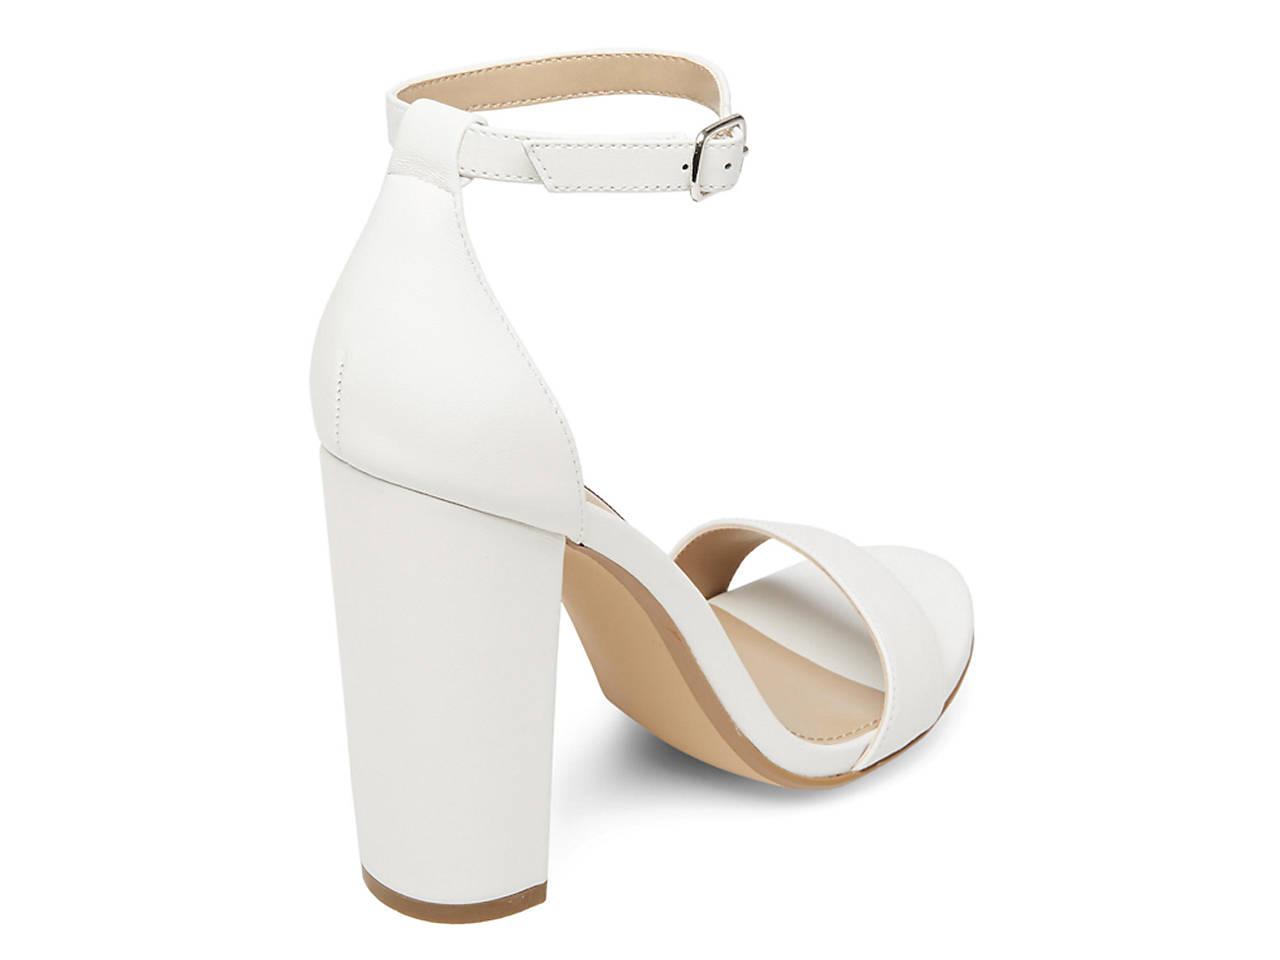 9b984e8242b Steve Madden Carson Sandal Women s Shoes